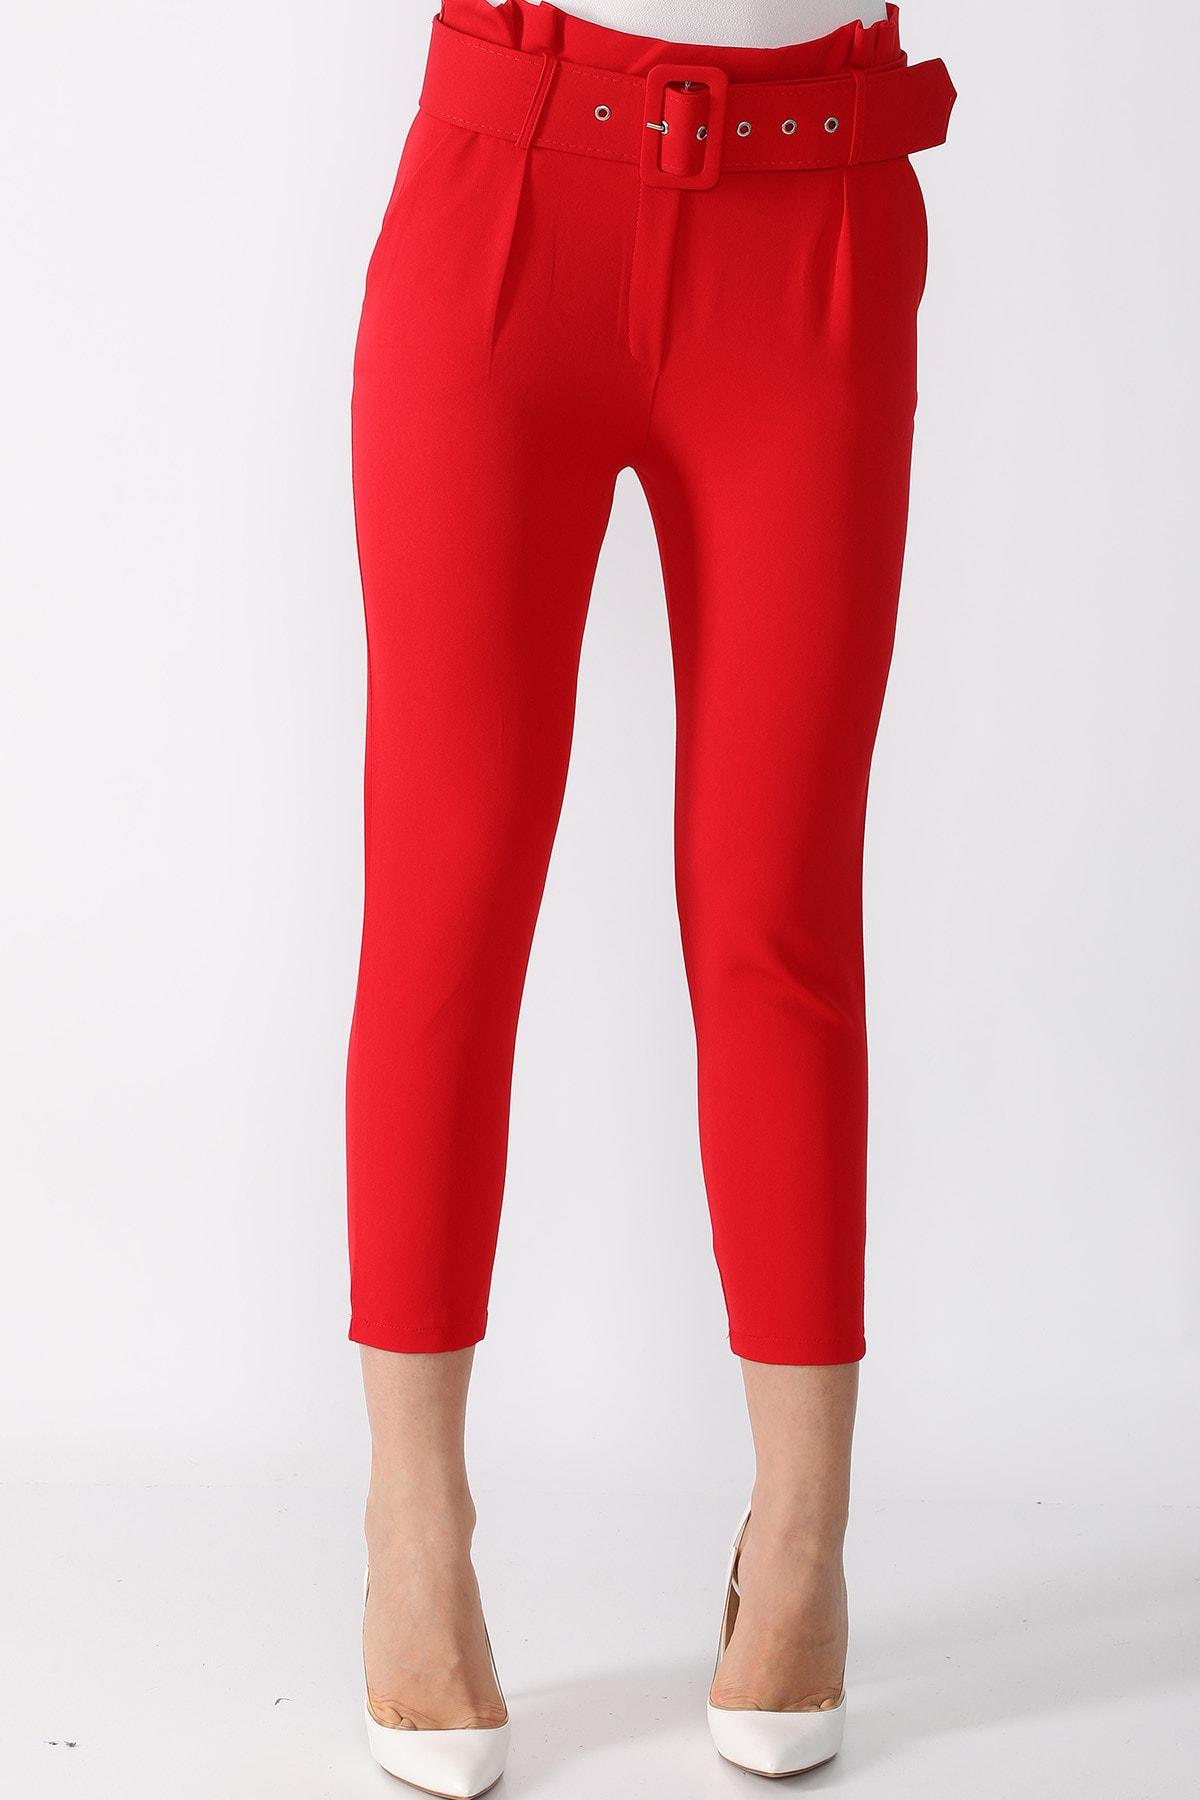 Mossta Kadın Kırmızı  Kemerli Kumaş Pantolon 2